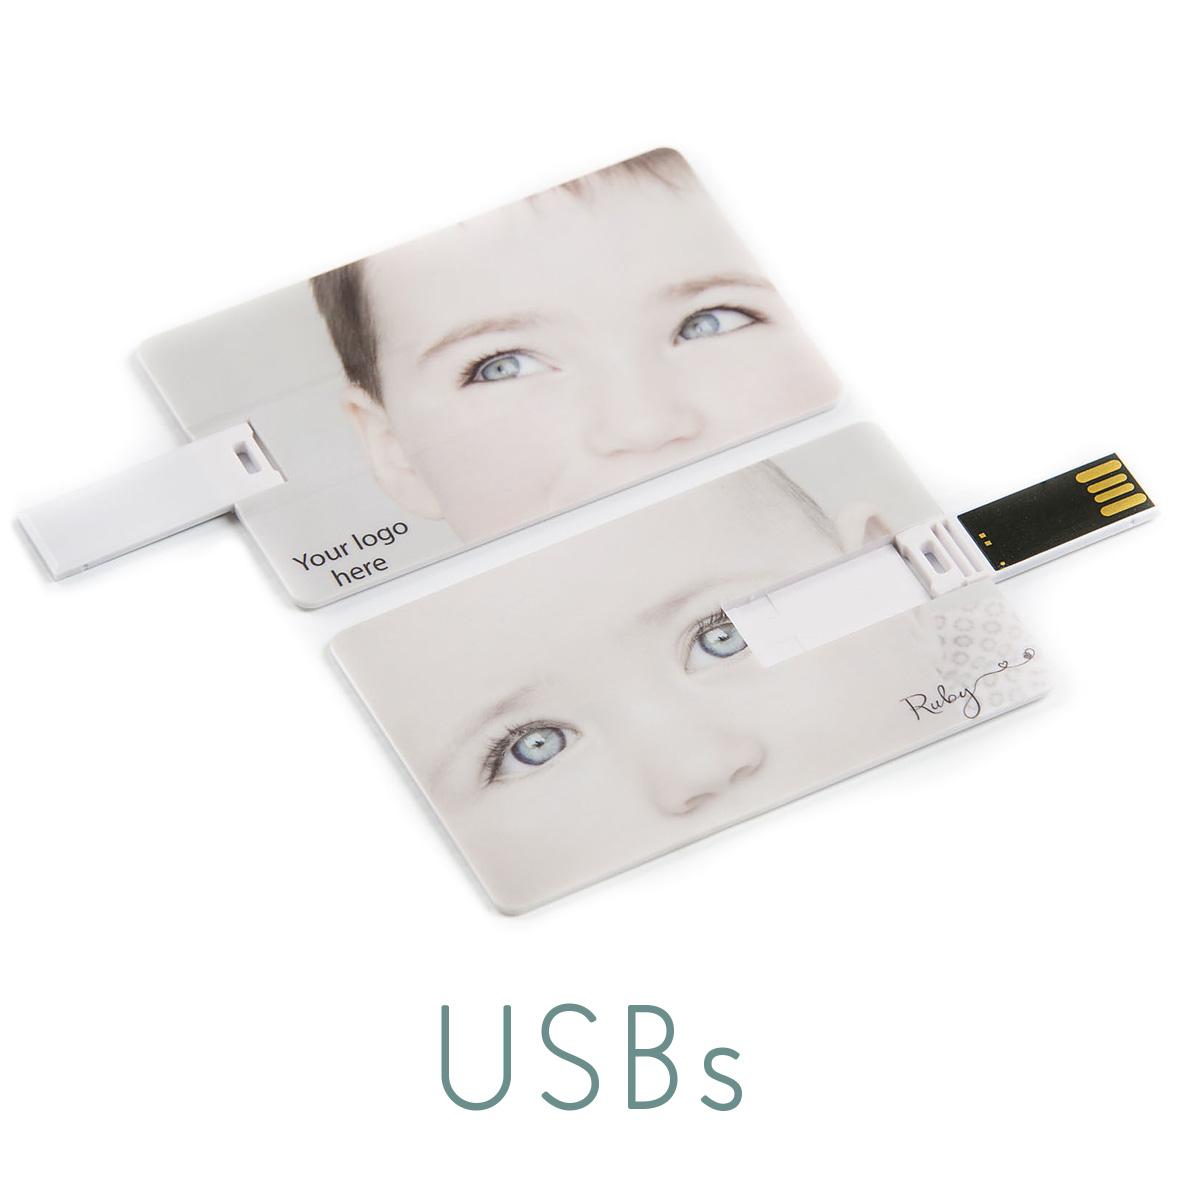 Personalised USBs Australia